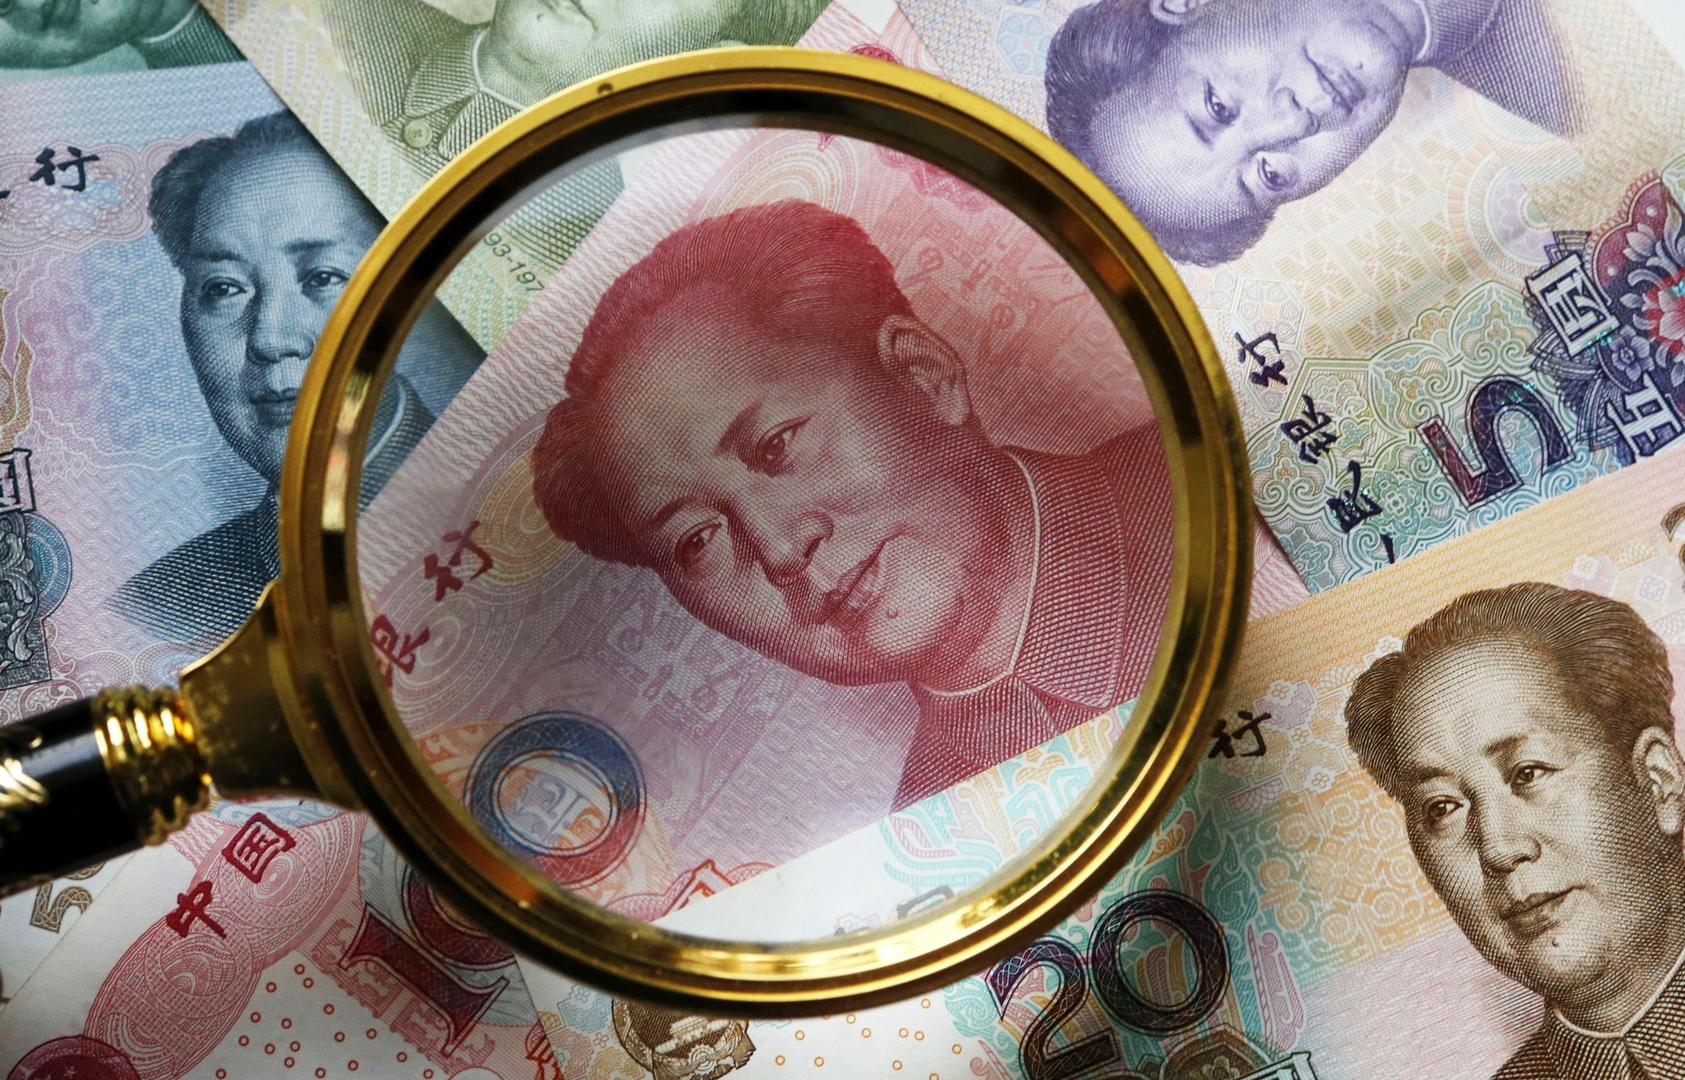 نمو الإنتاج الصناعي وفرص عمل جديدة.. بيانات اقتصادية جديدة من الصين